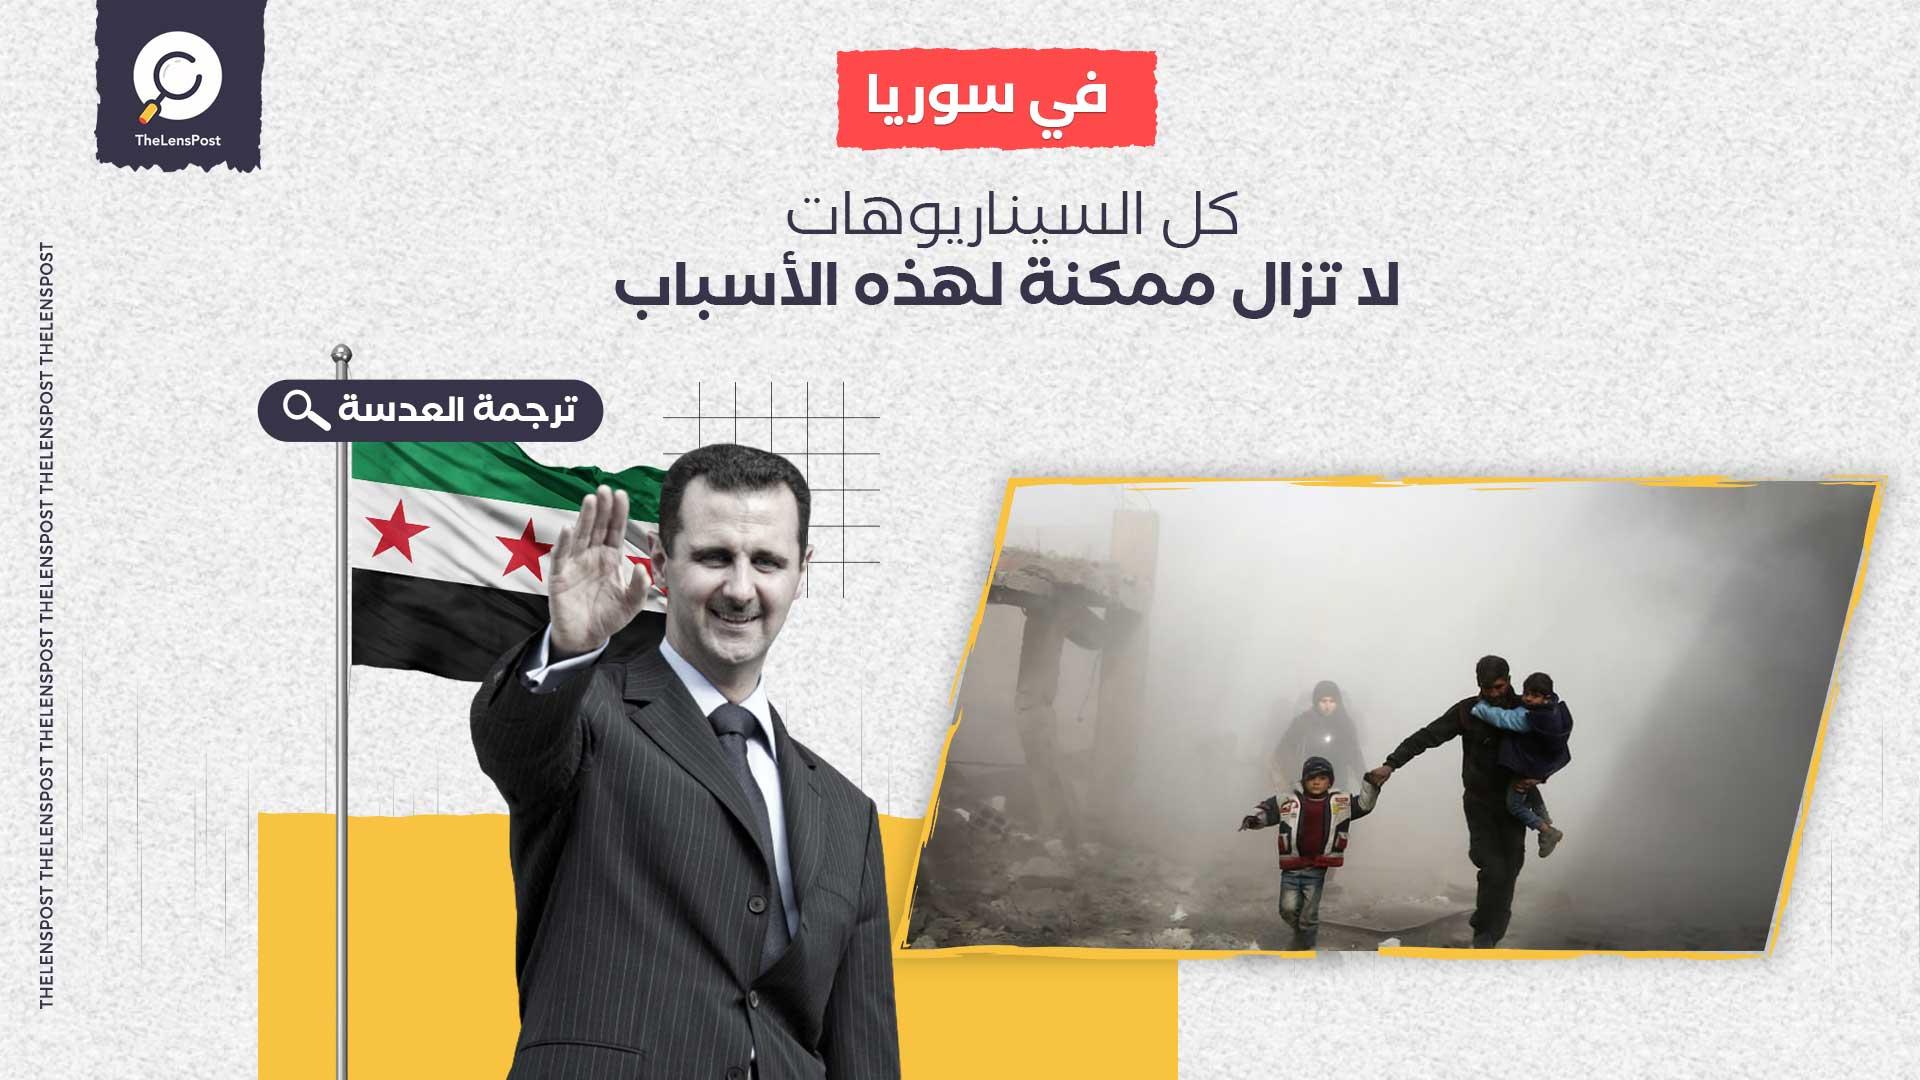 لوموند: في سوريا.. كل السيناريوهات لا تزال ممكنة لهذه الأسباب